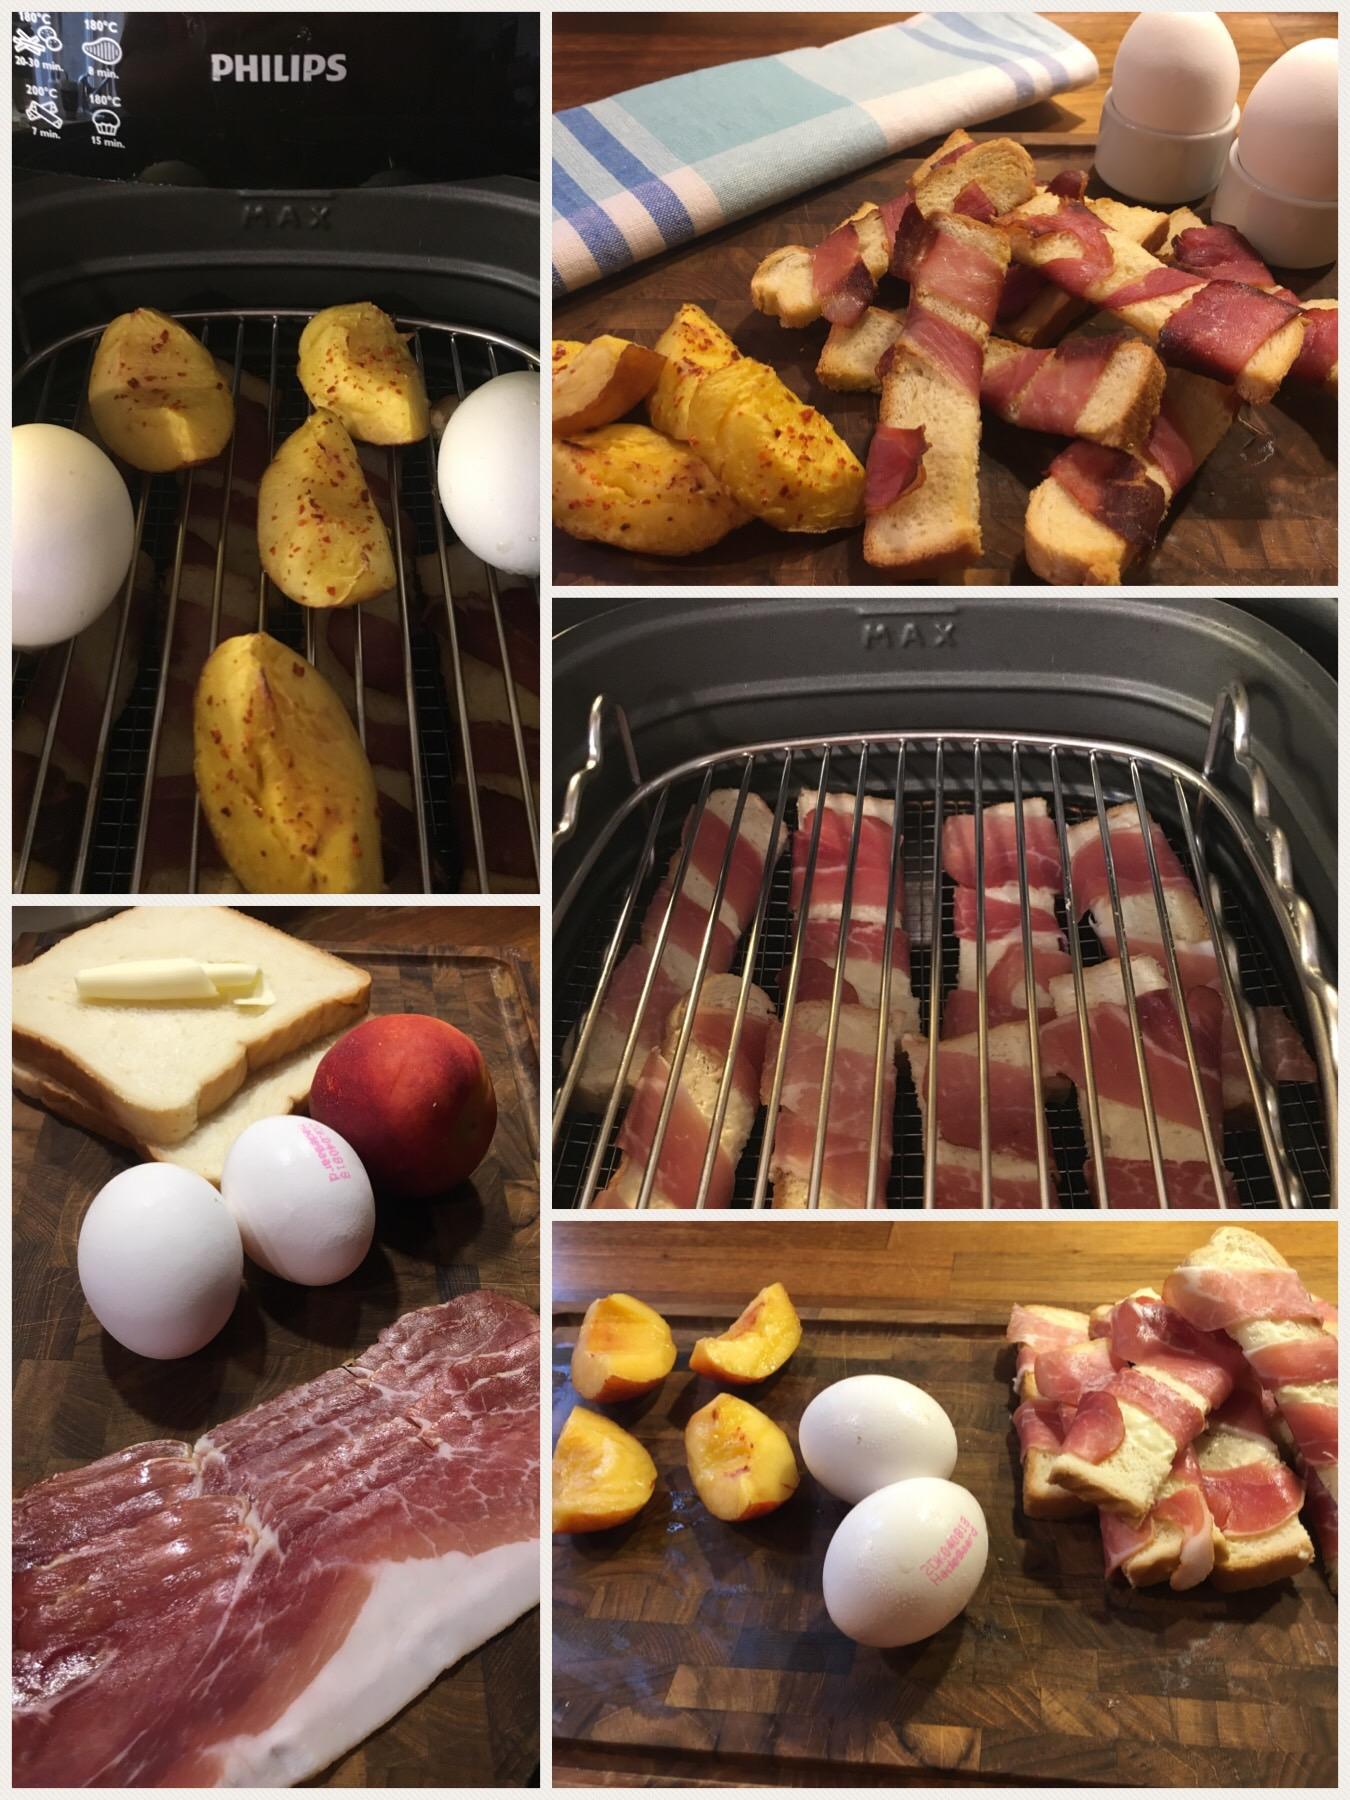 Morgencomplet til 2 – Alt tilberedt sammen på kun 8 minutter